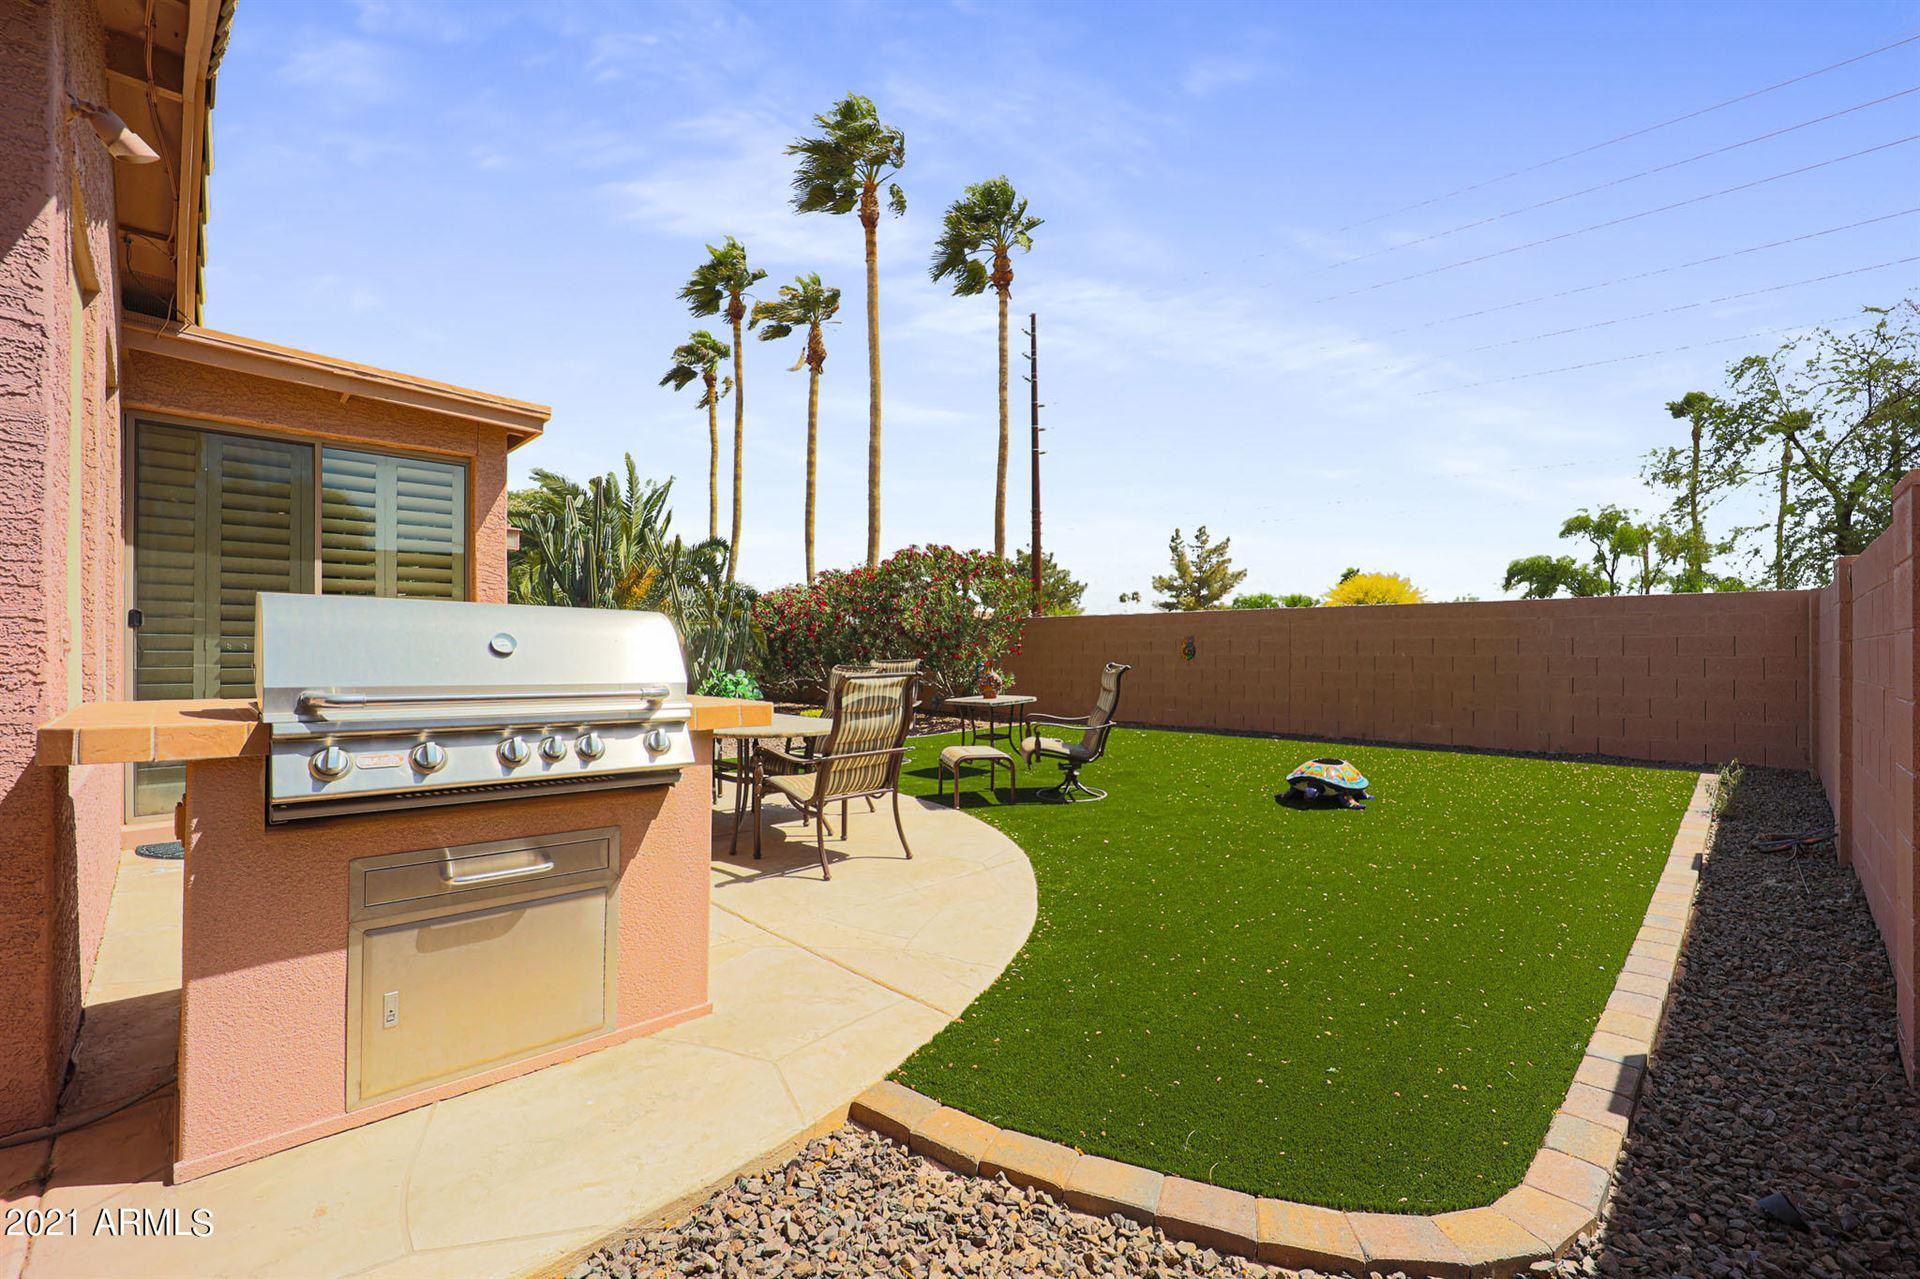 Photo of 9021 E STONEY VISTA Drive, Sun Lakes, AZ 85248 (MLS # 6227652)